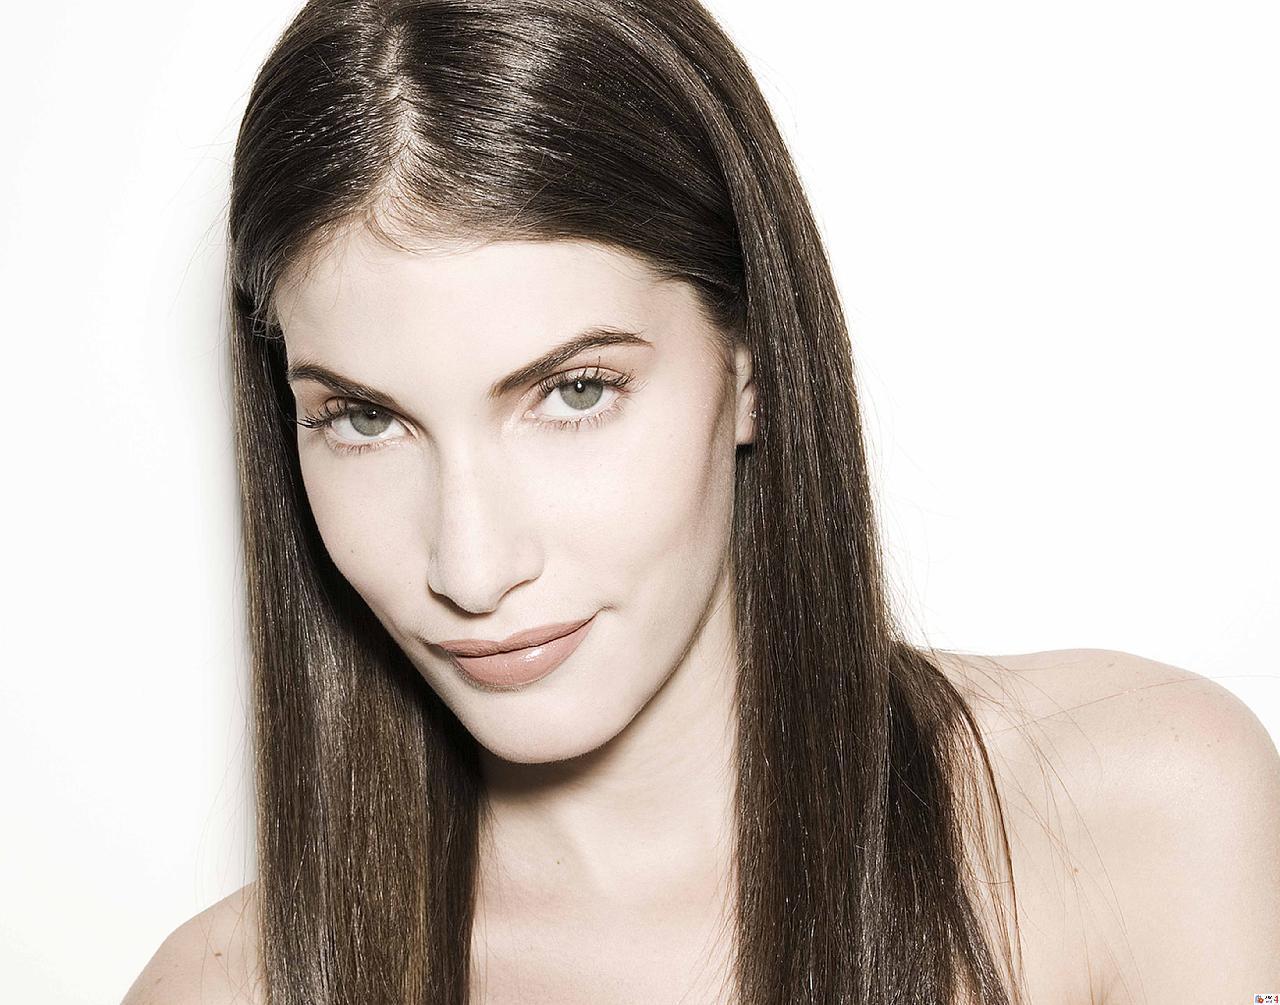 catwalk hair and makeup artist